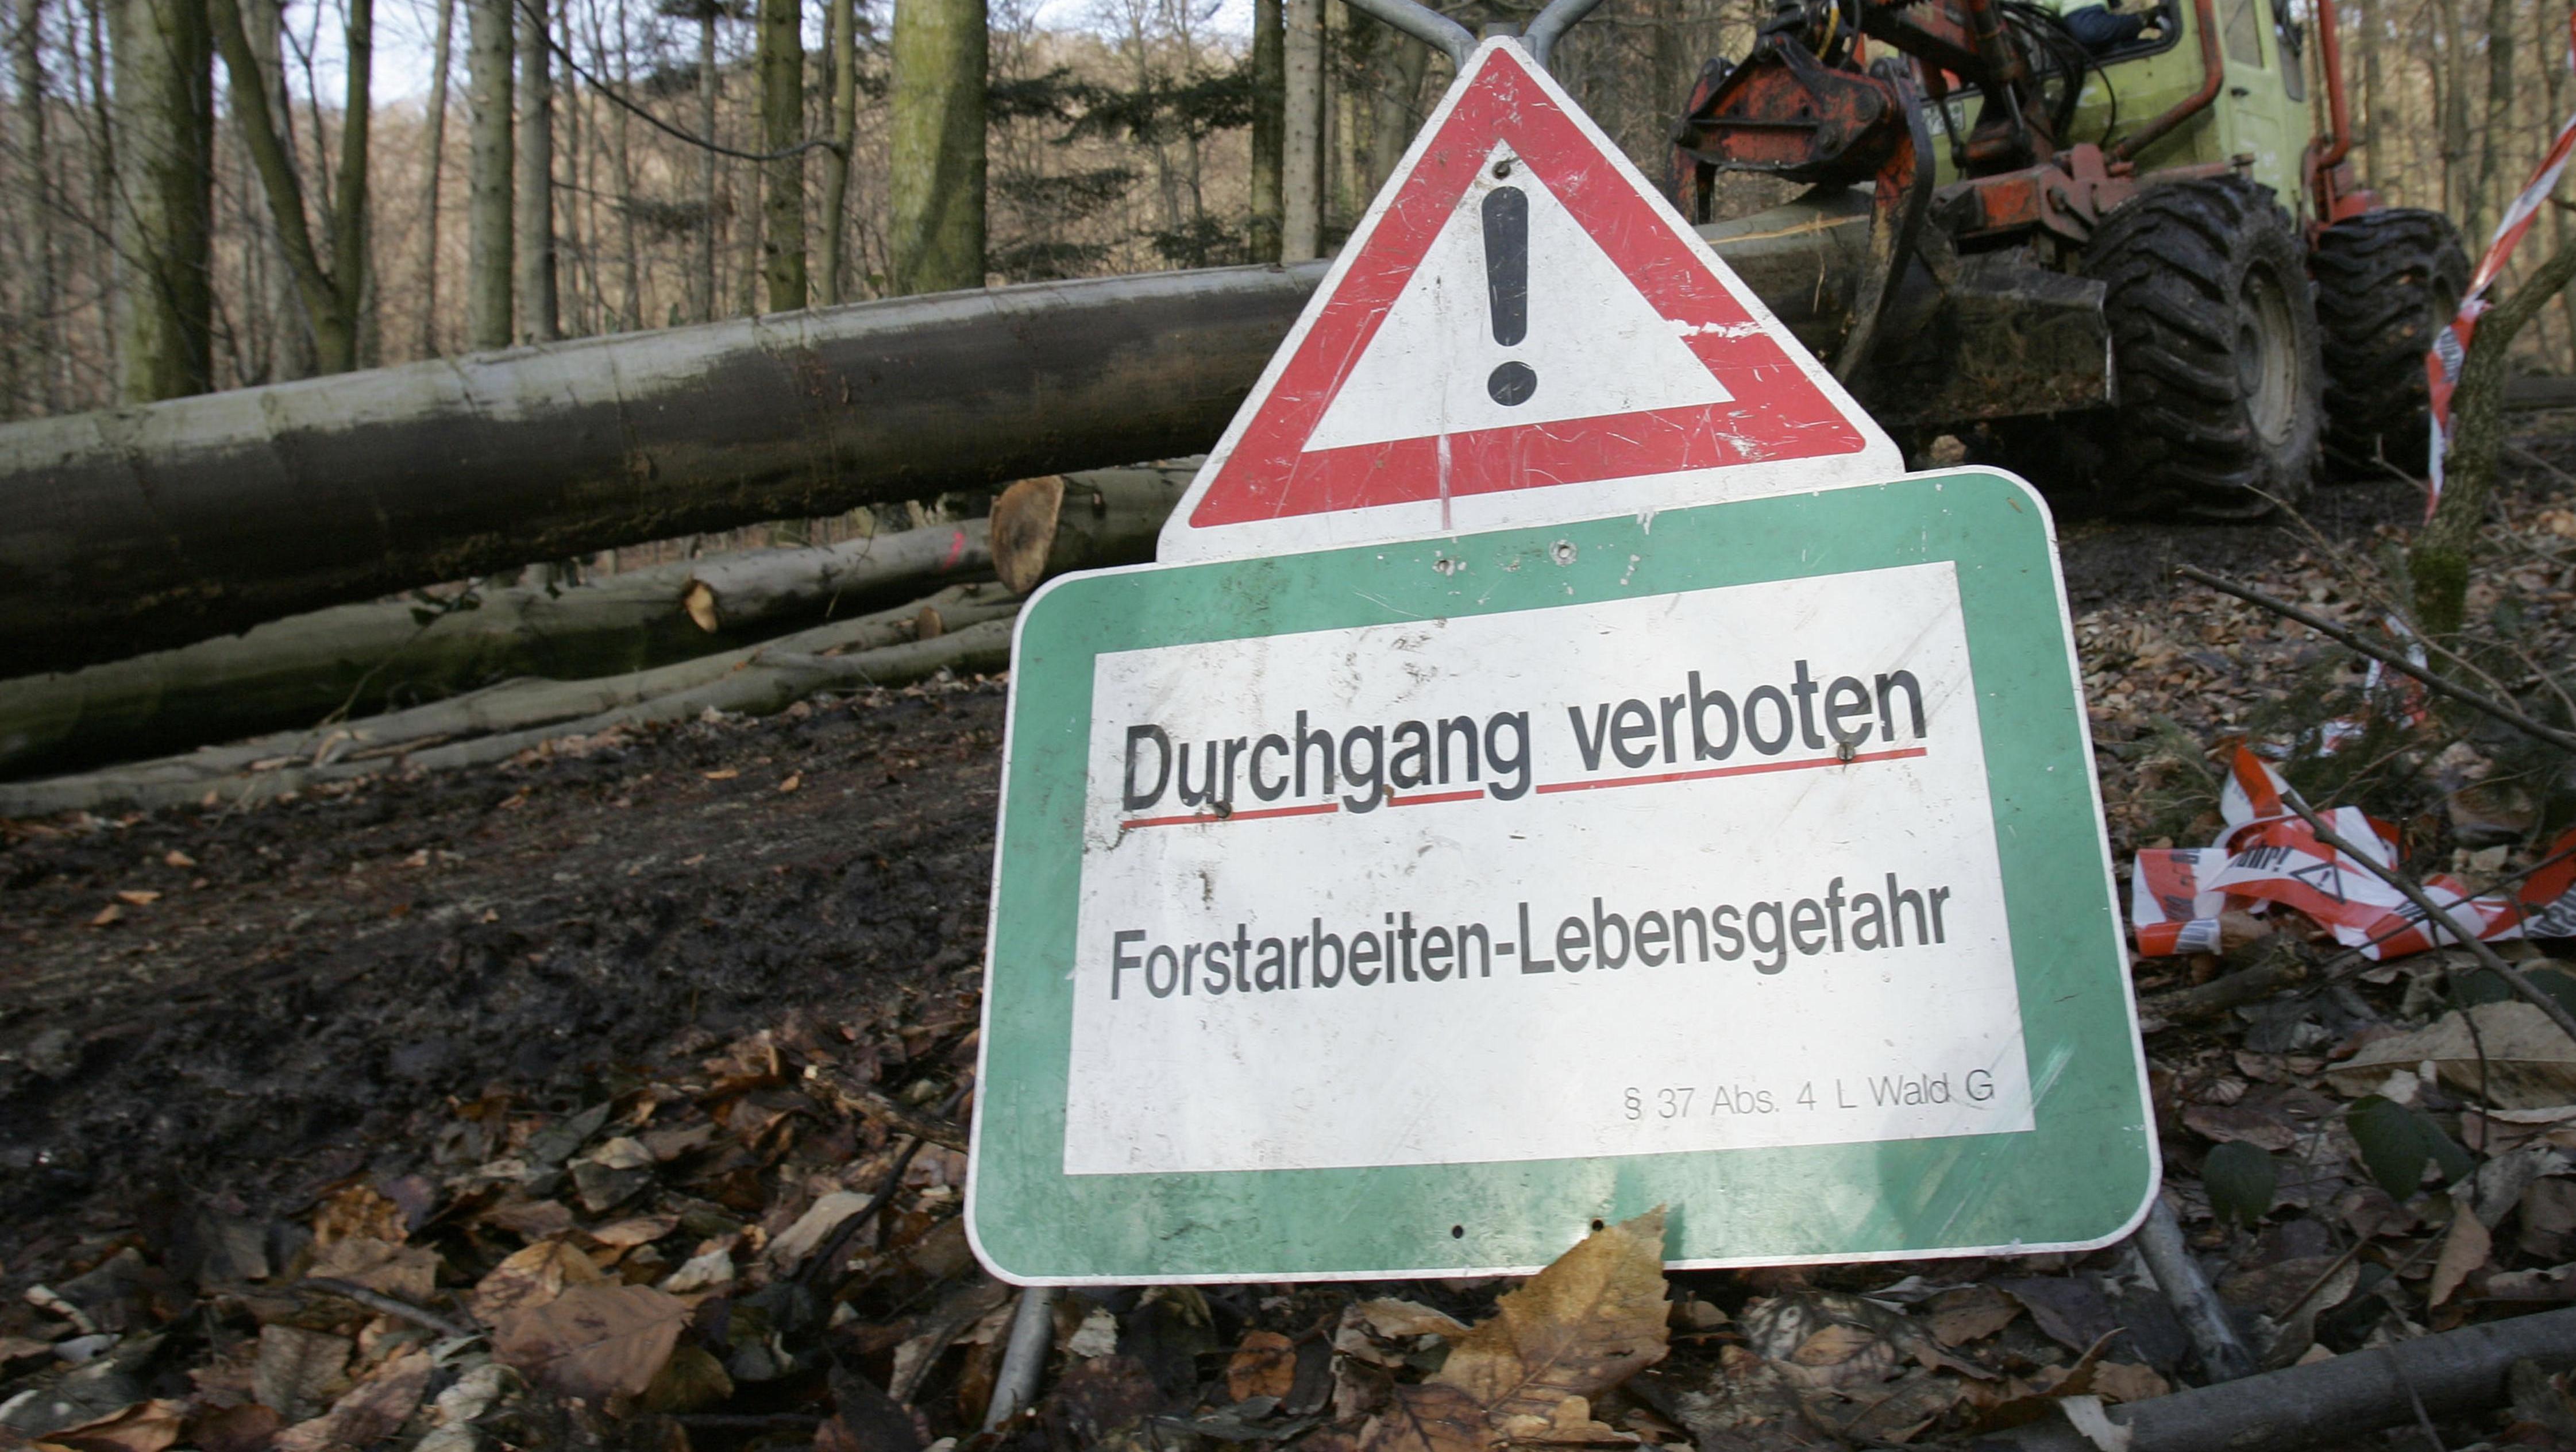 Symbolbild Forstarbeiten